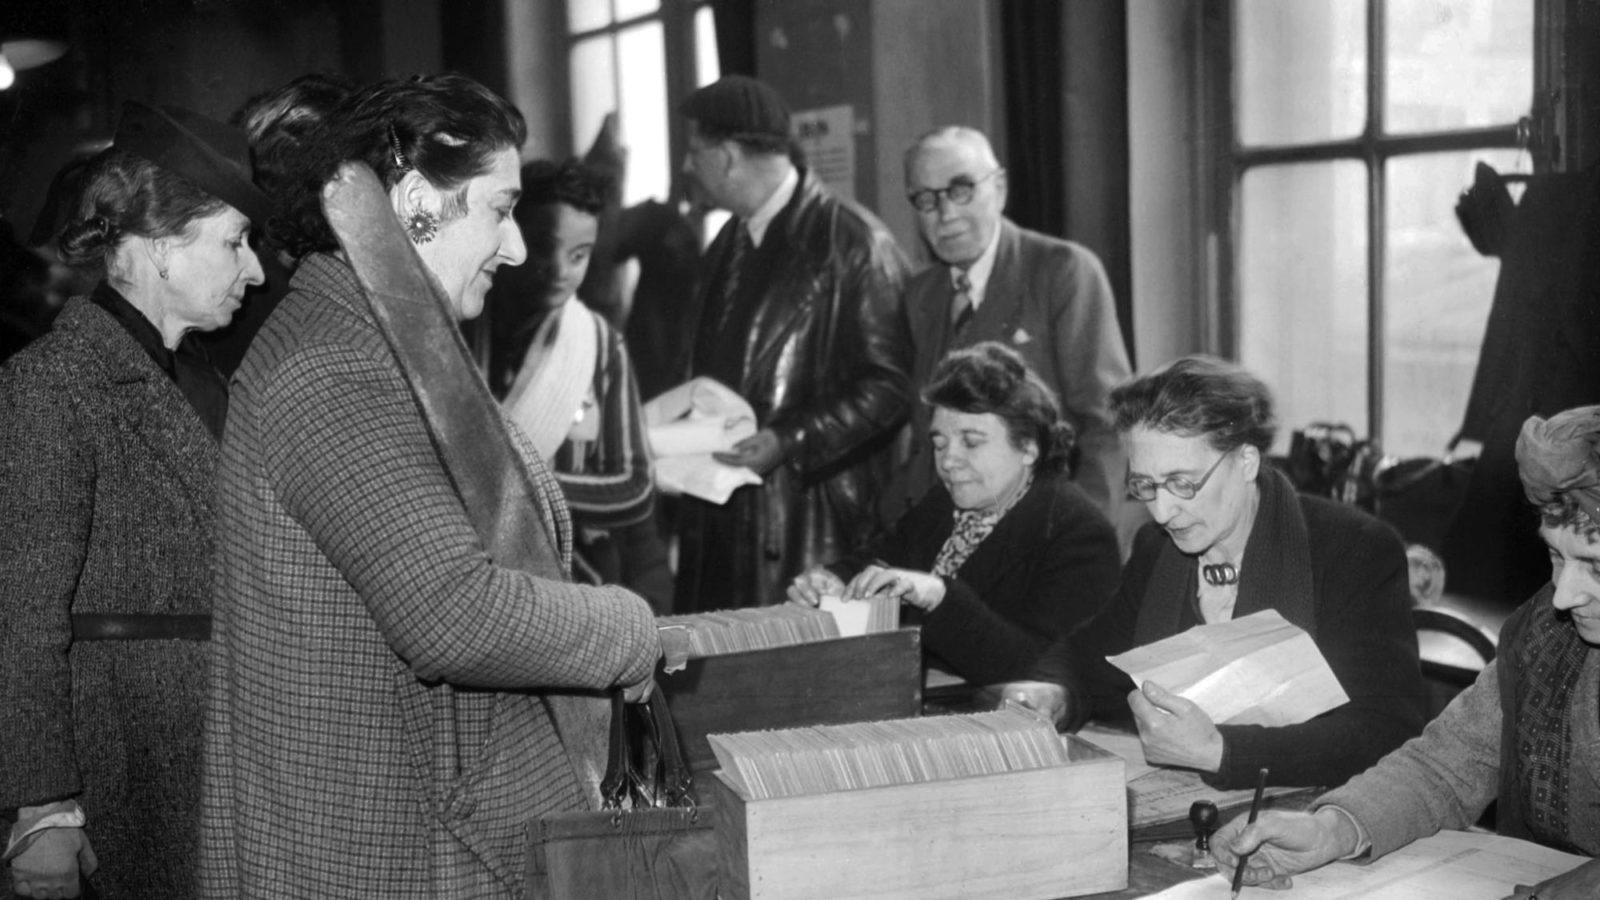 Souvenons-nous : le 21 avril 1994, le droit de vote est accordé aux Françaises